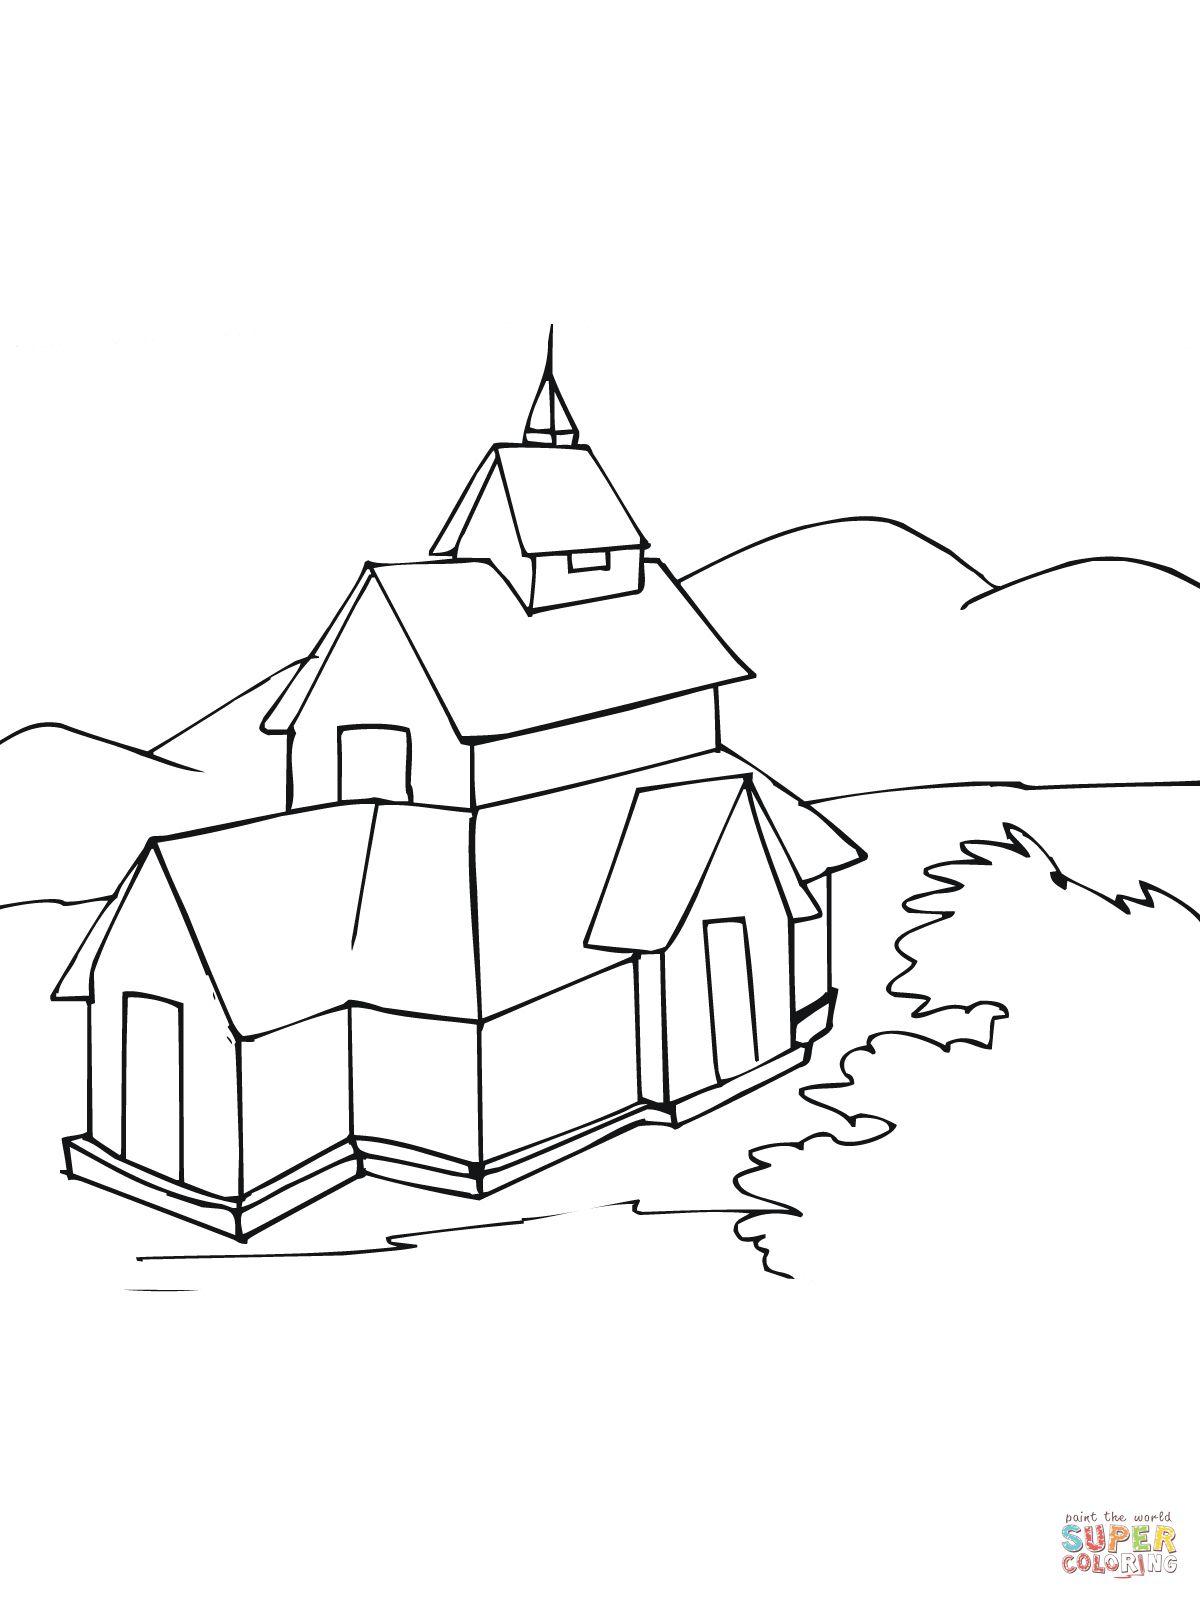 Kostenlos Ausdruckbare Ausmalbilder Clipart Kirche Printable Crafts Kids Coloring